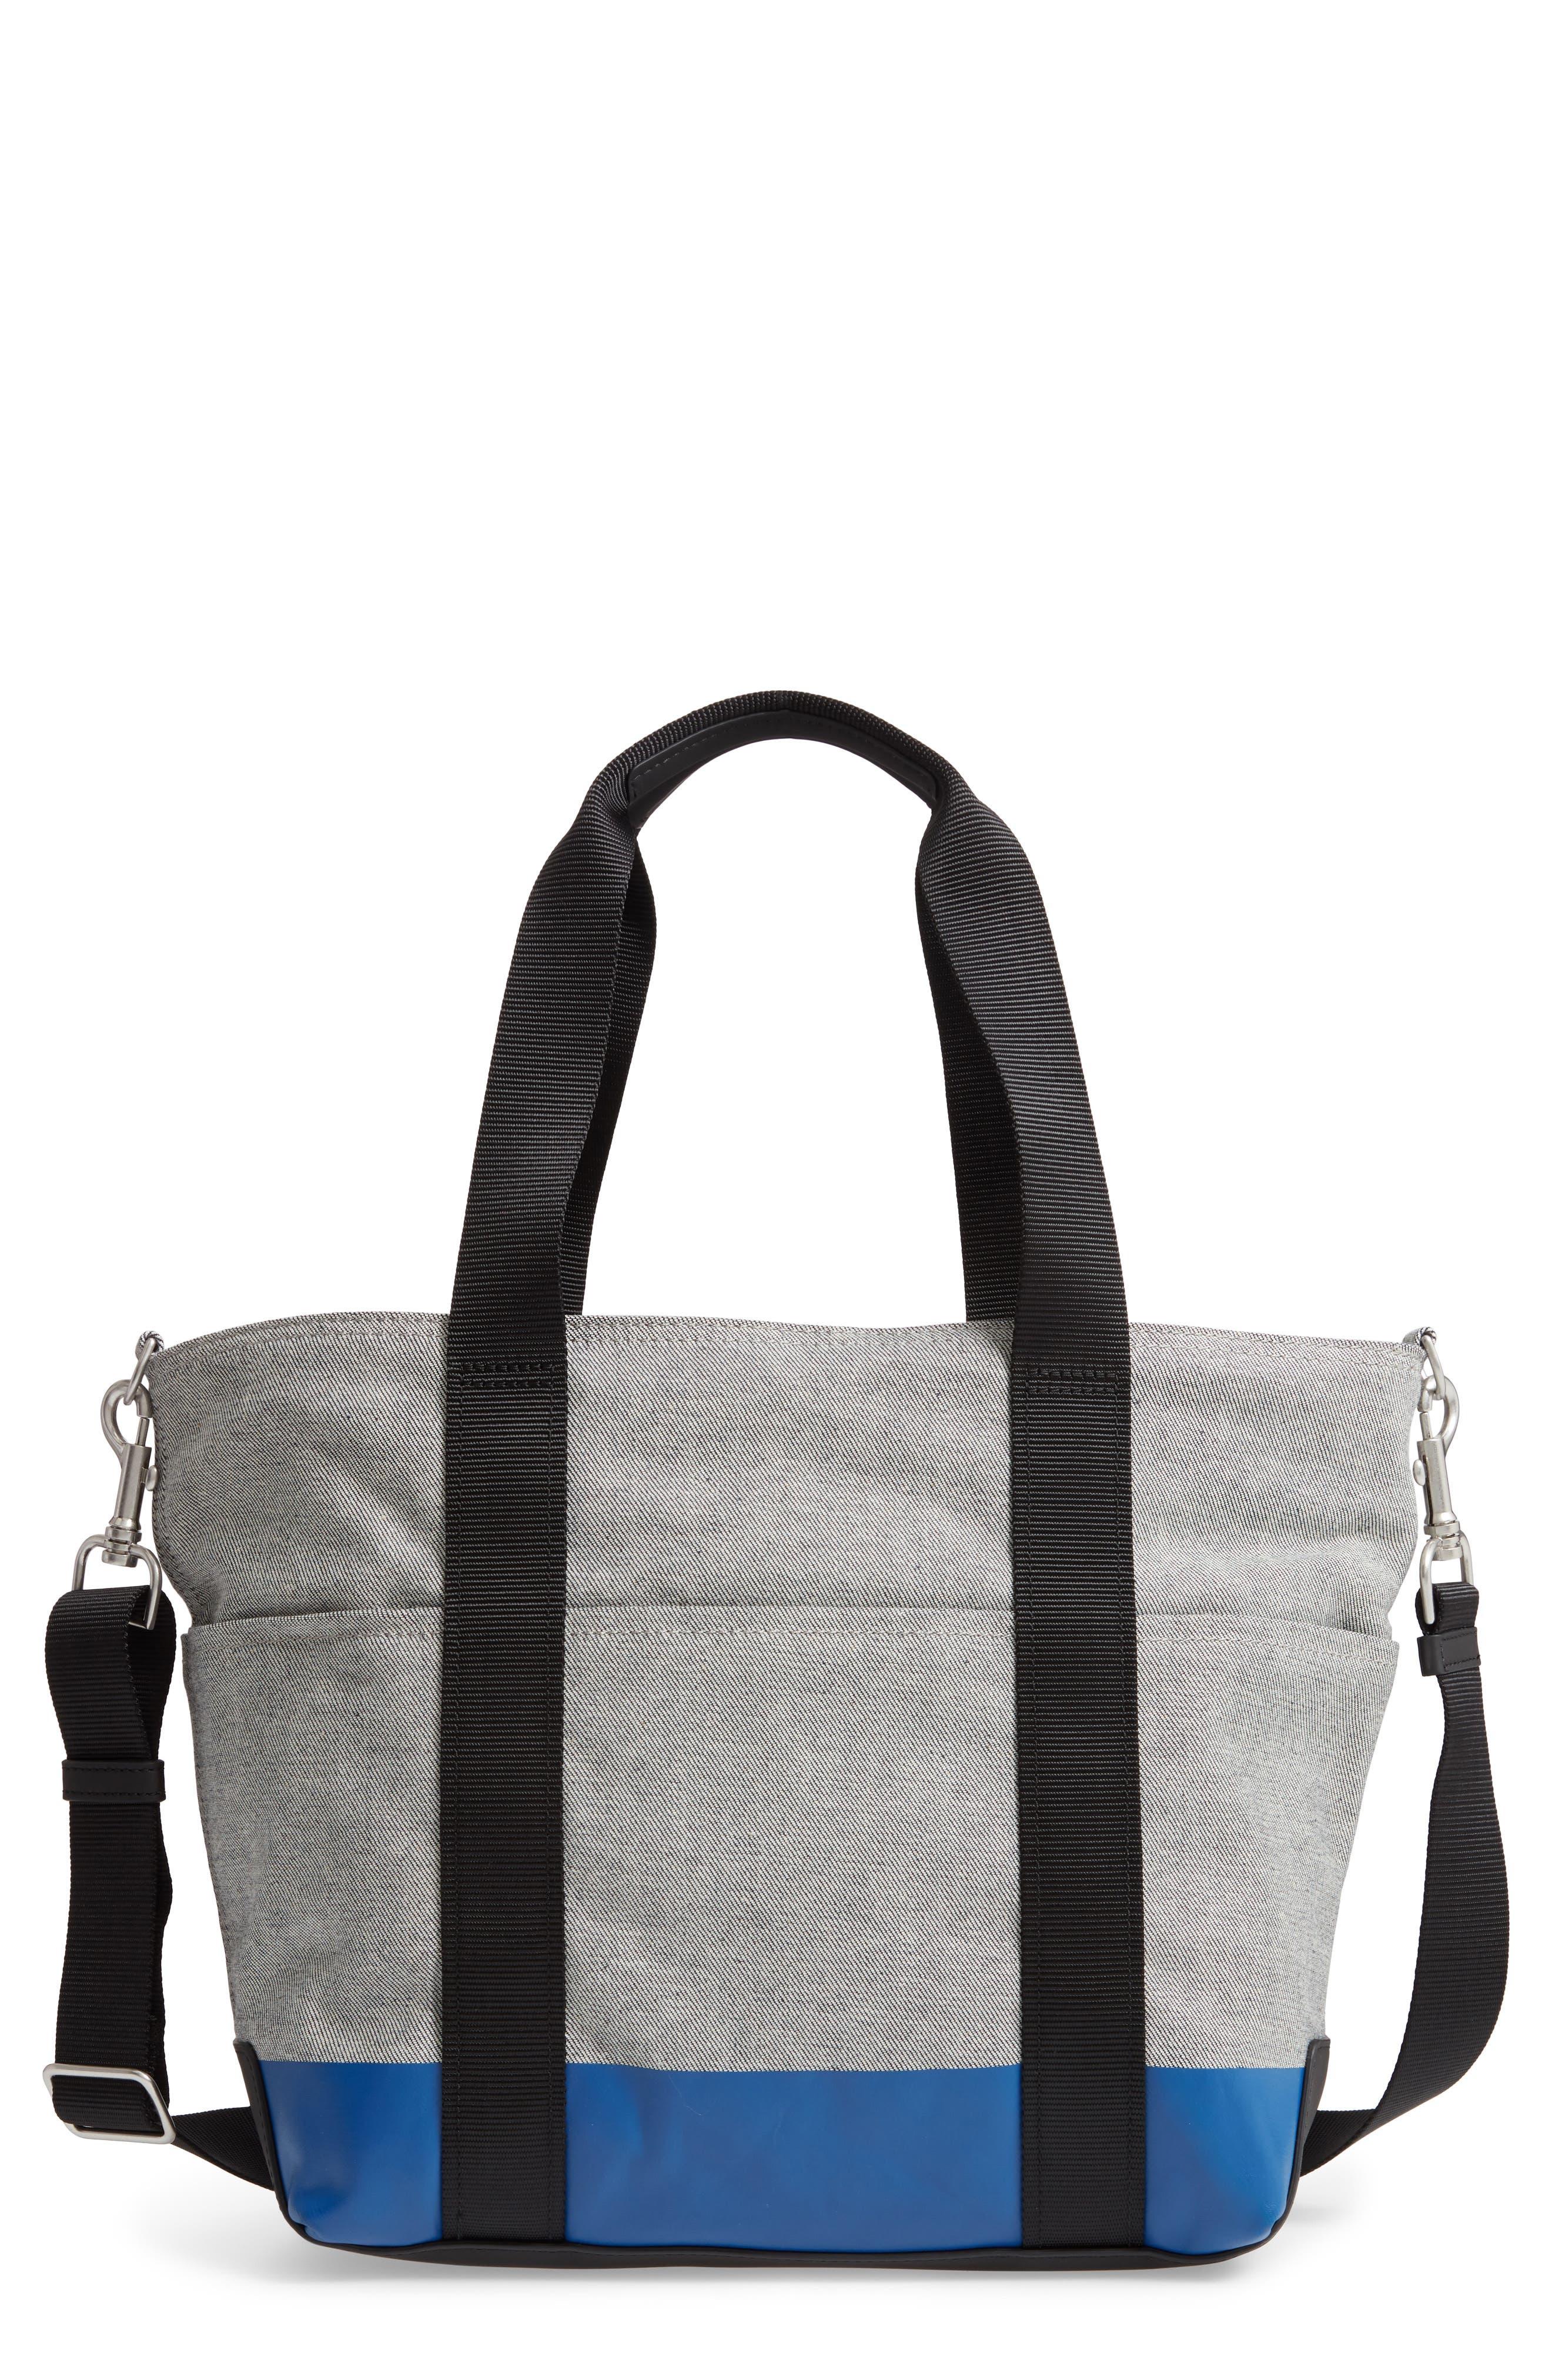 3b1da406e14c Treasure   Bond Tote Bags for Women  Leather